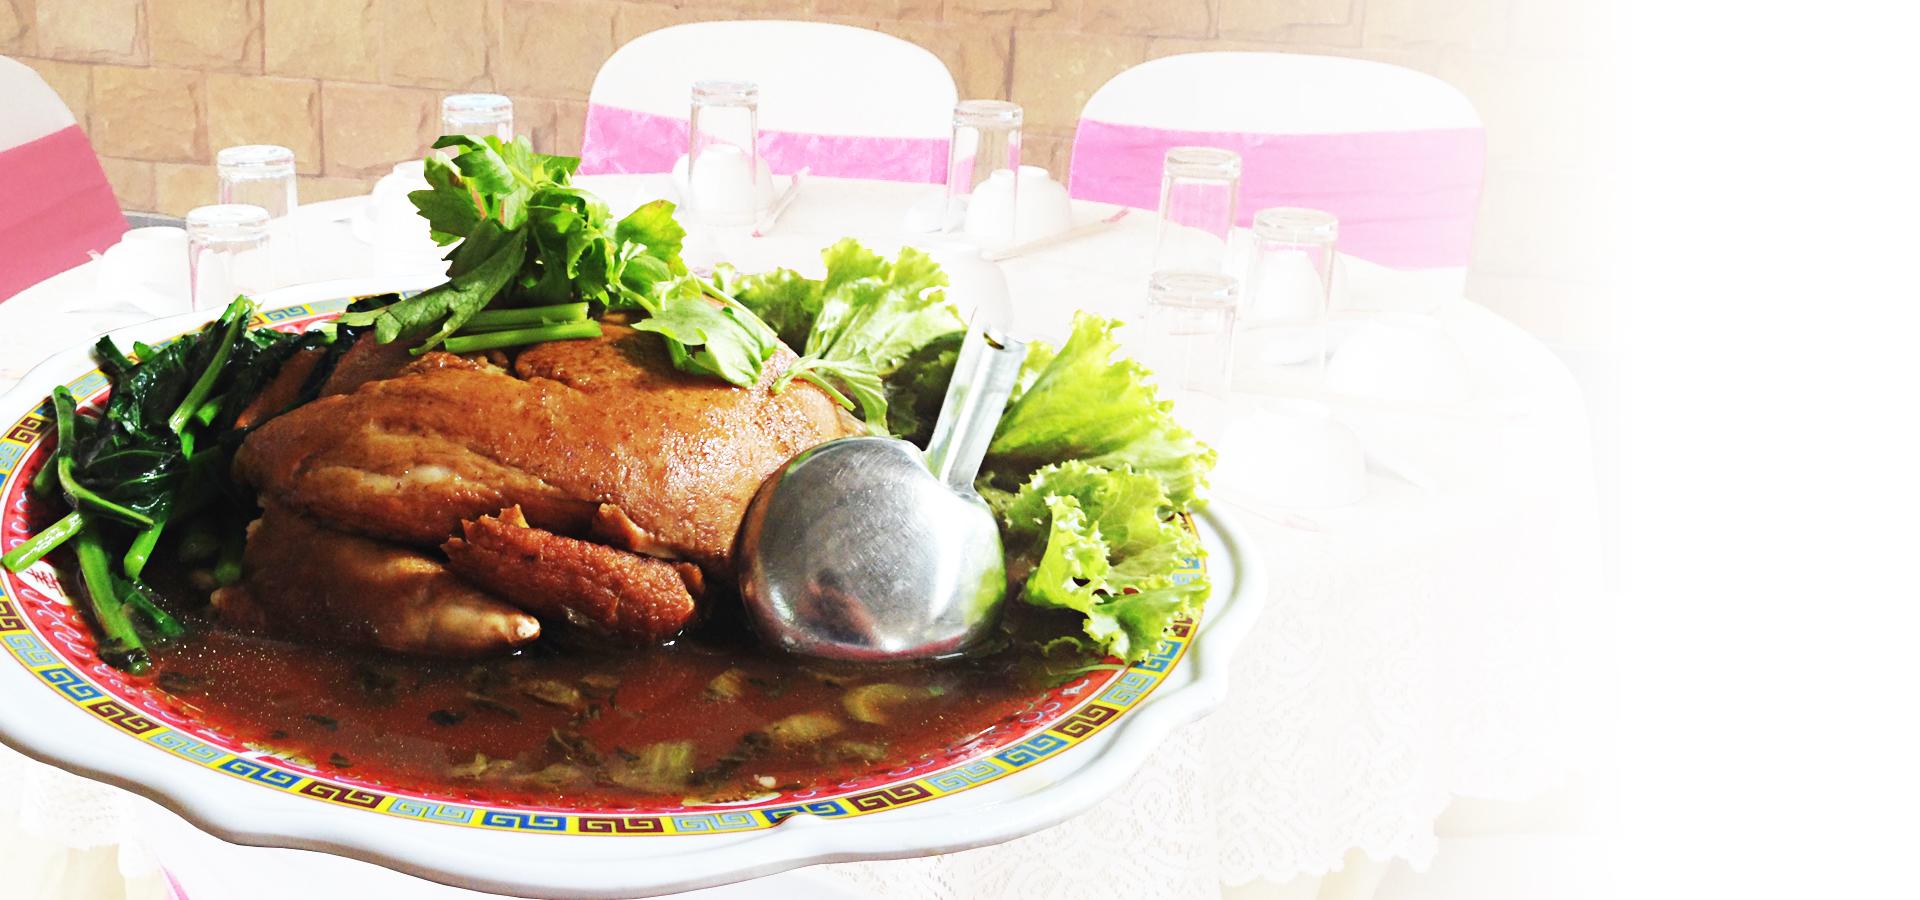 โต๊ะจีนอร่อย สะอาด ได้มาตรฐาน ท้าพิสูจน์ความอร่อย